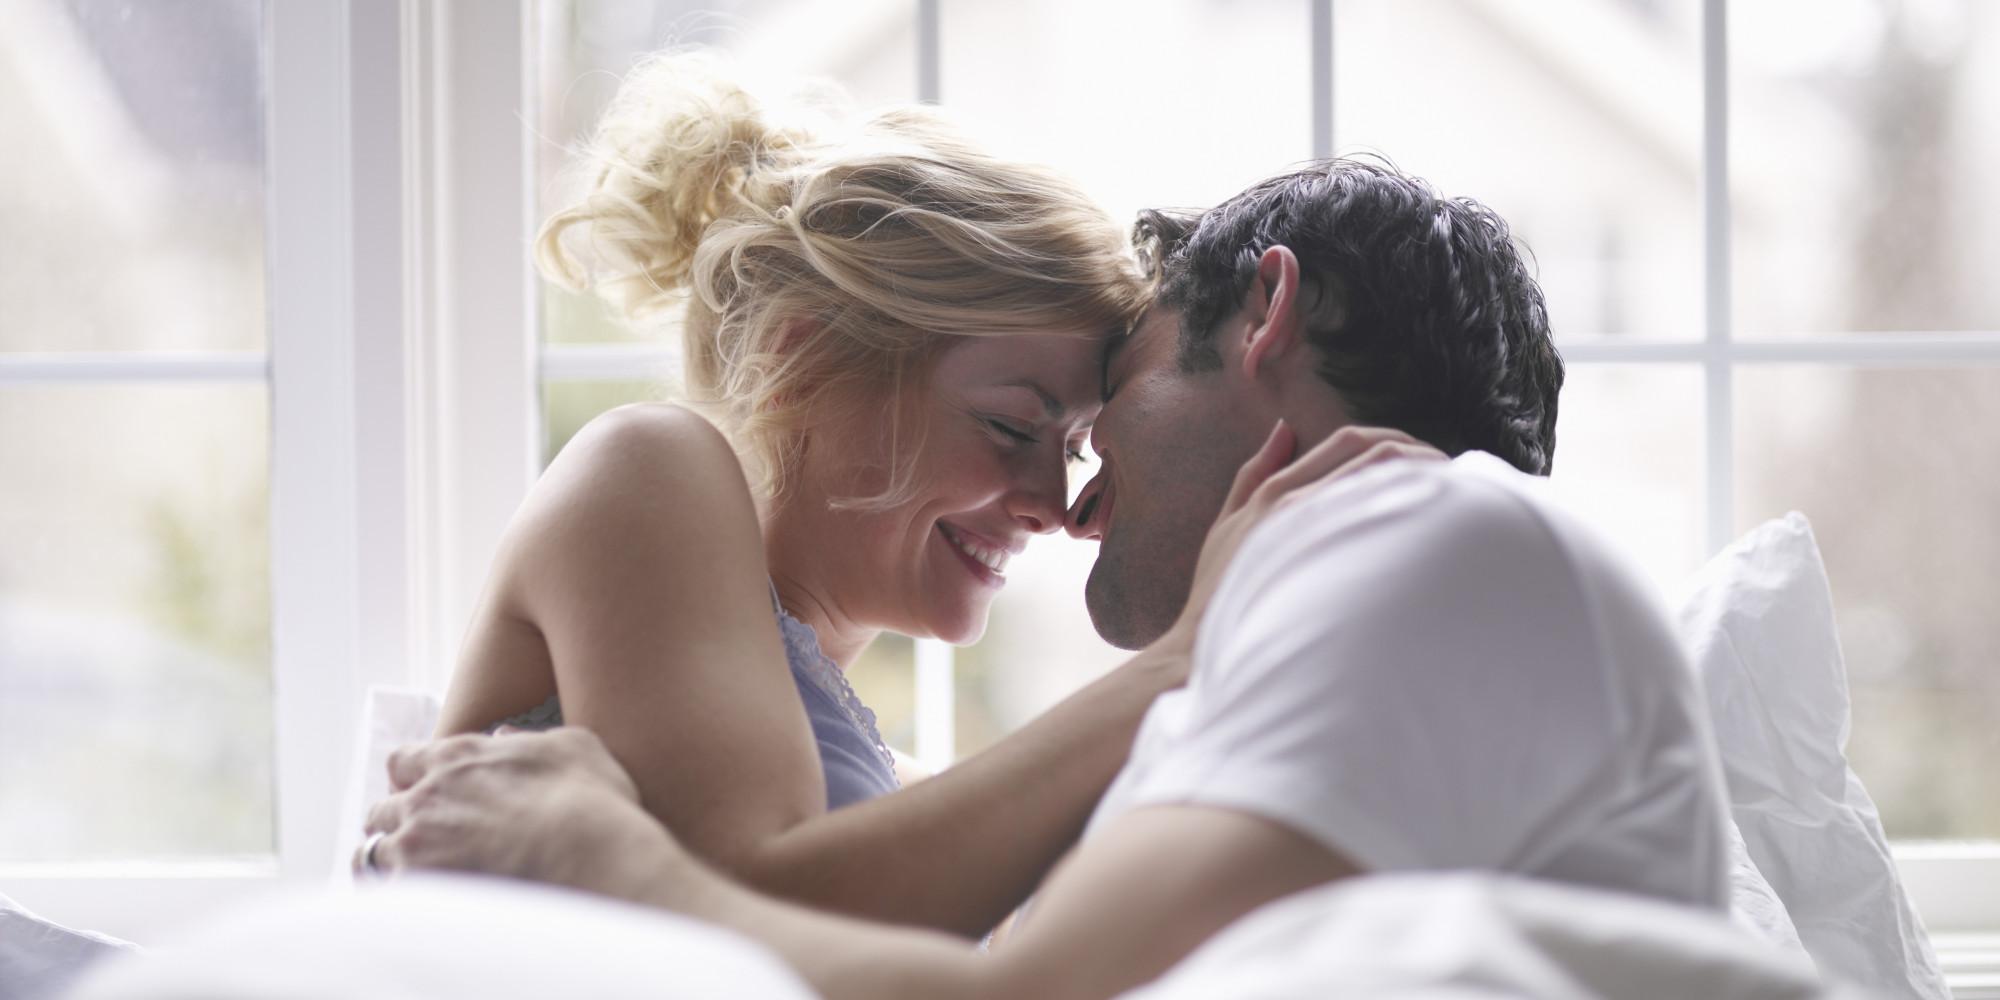 早上做愛好處多  國外網站列出六大優點